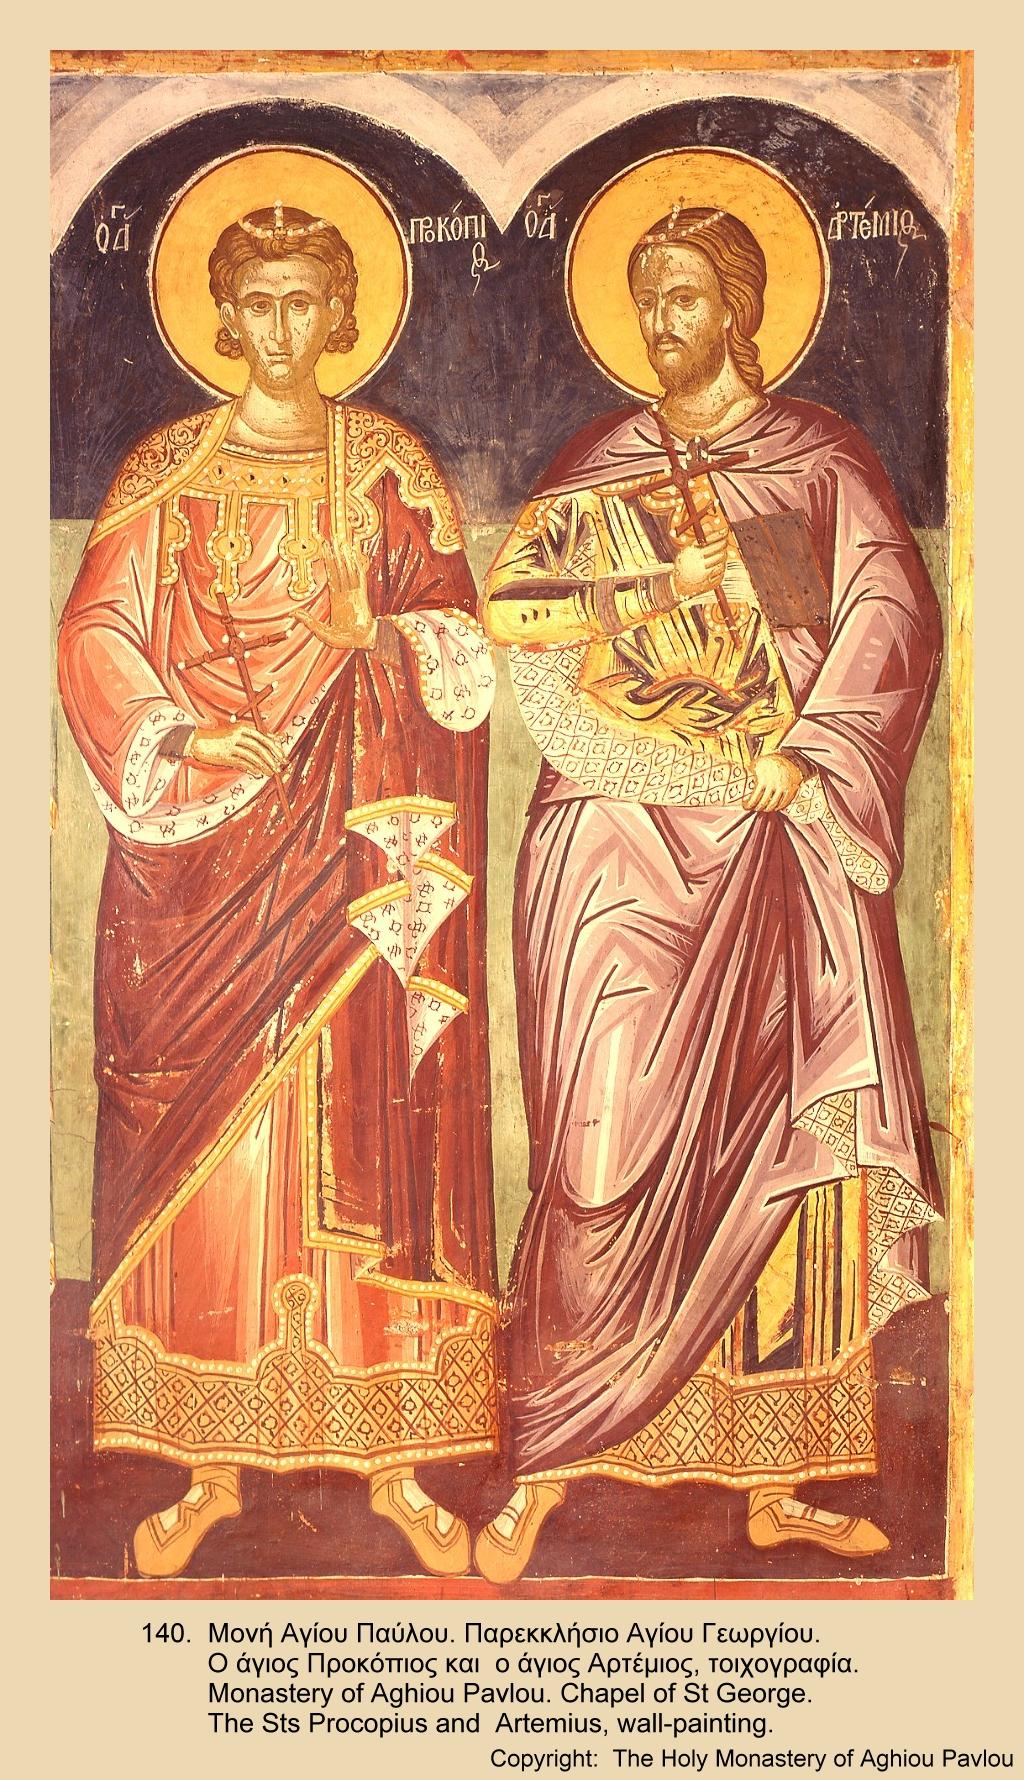 Иконы монастыря св. Павла (139)